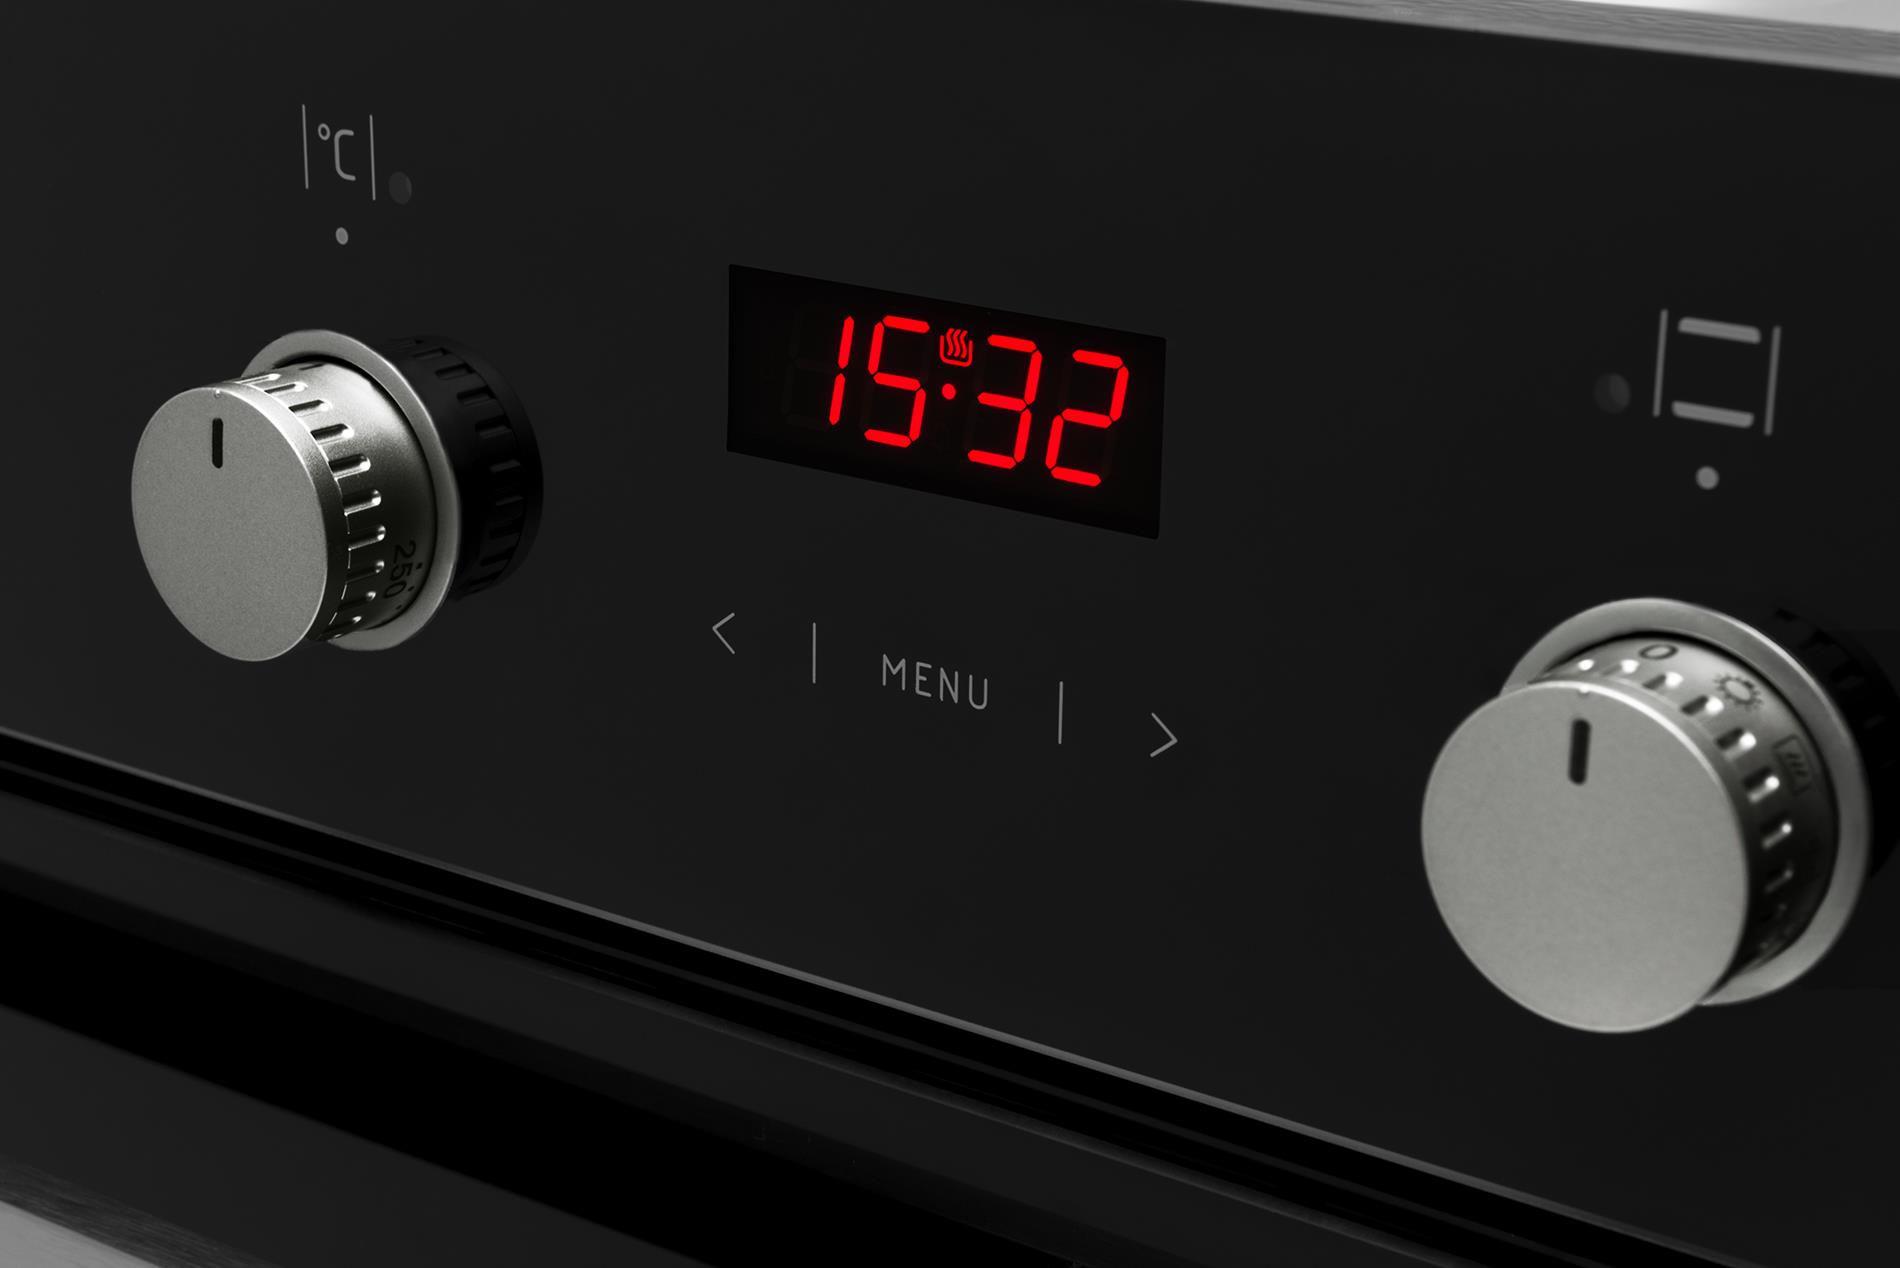 Oryginał Built-in oven Amica FUSION EB7541B FUSION : Amica WV78